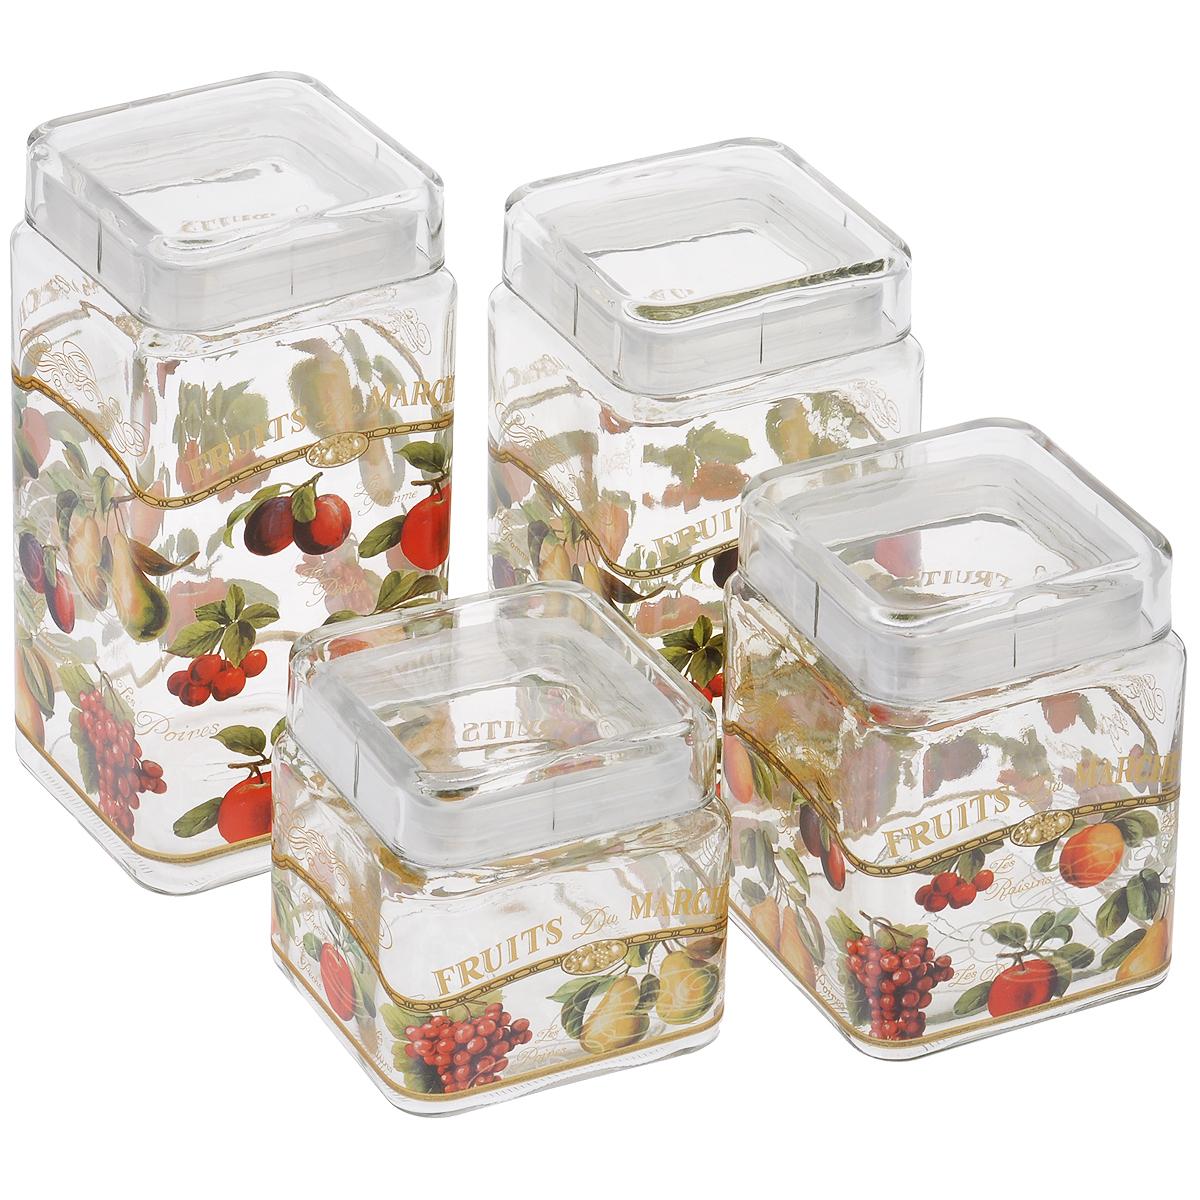 Набор банок для сыпучих продуктов Sinoglass Фрукты, 4 шт